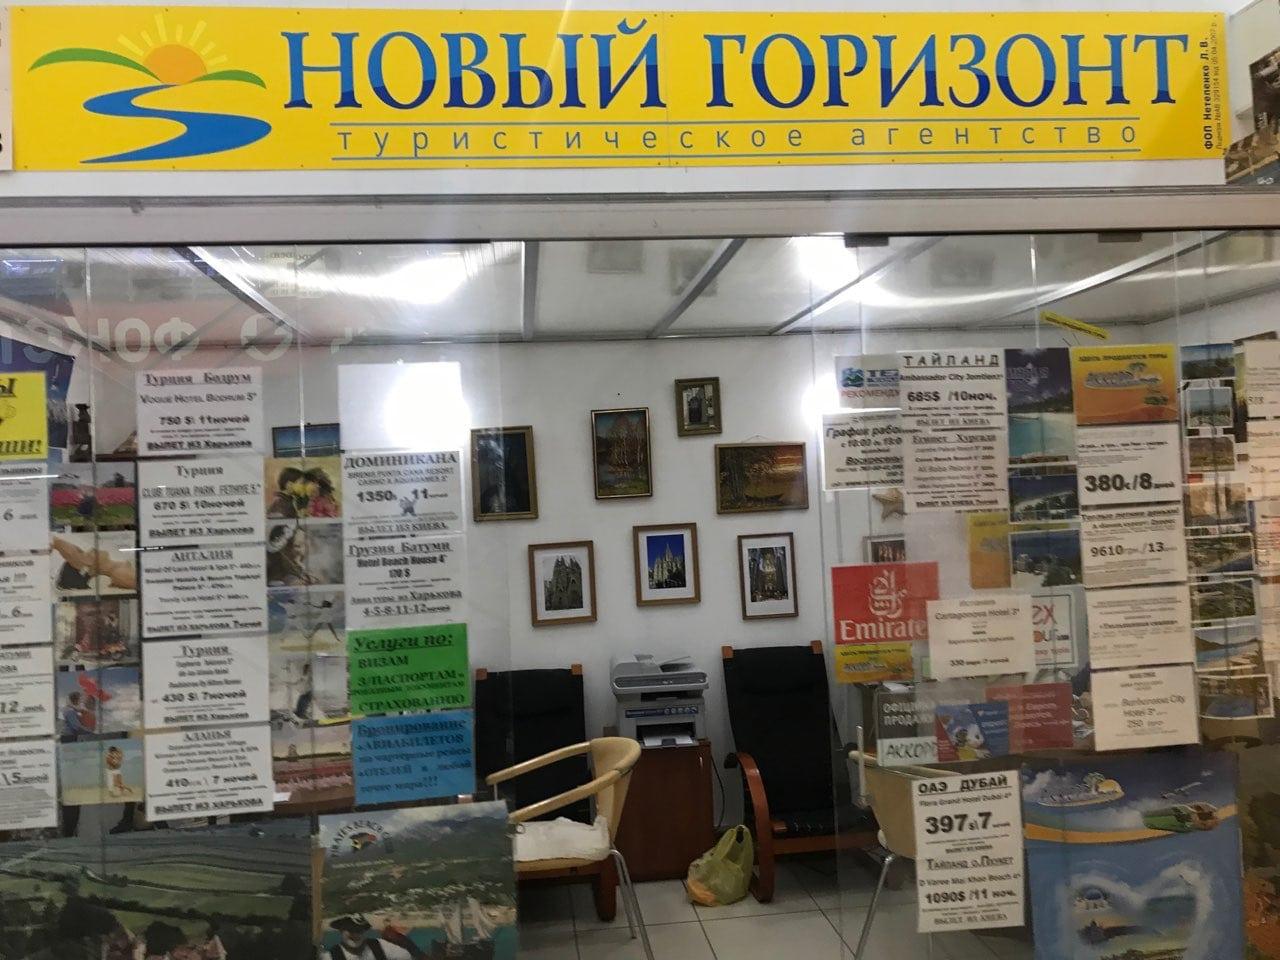 Туристическое агентство «Новый горизонт»